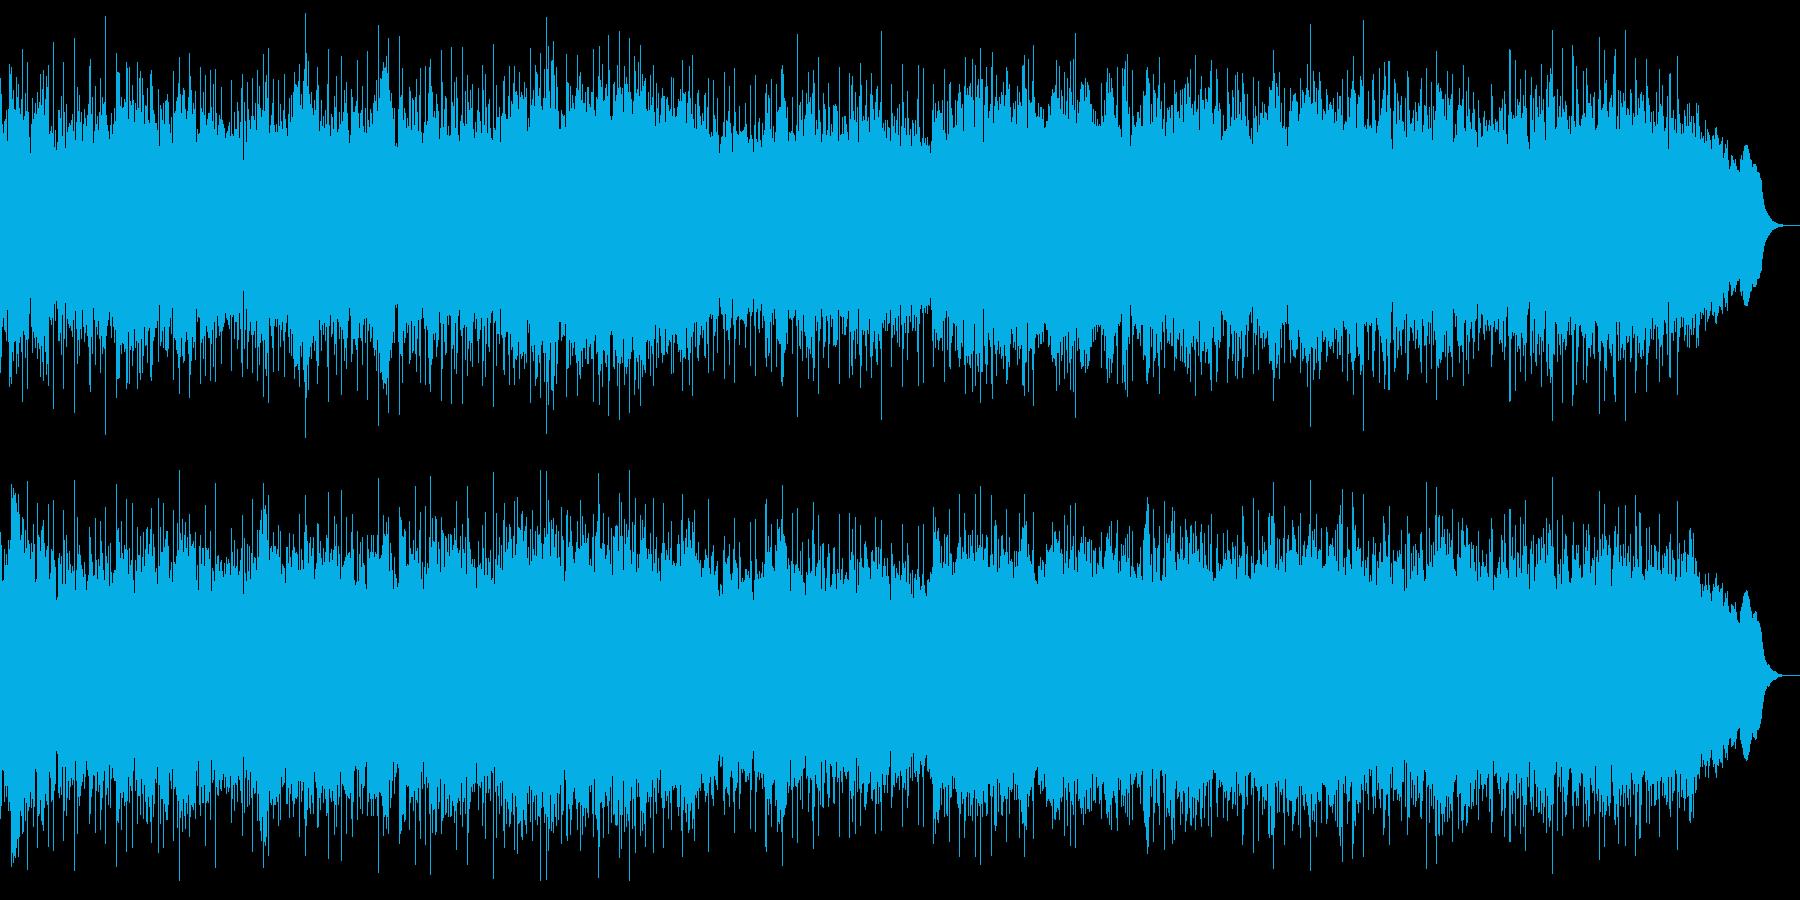 ダークな戦闘曲 ヘビーメタルのインストの再生済みの波形